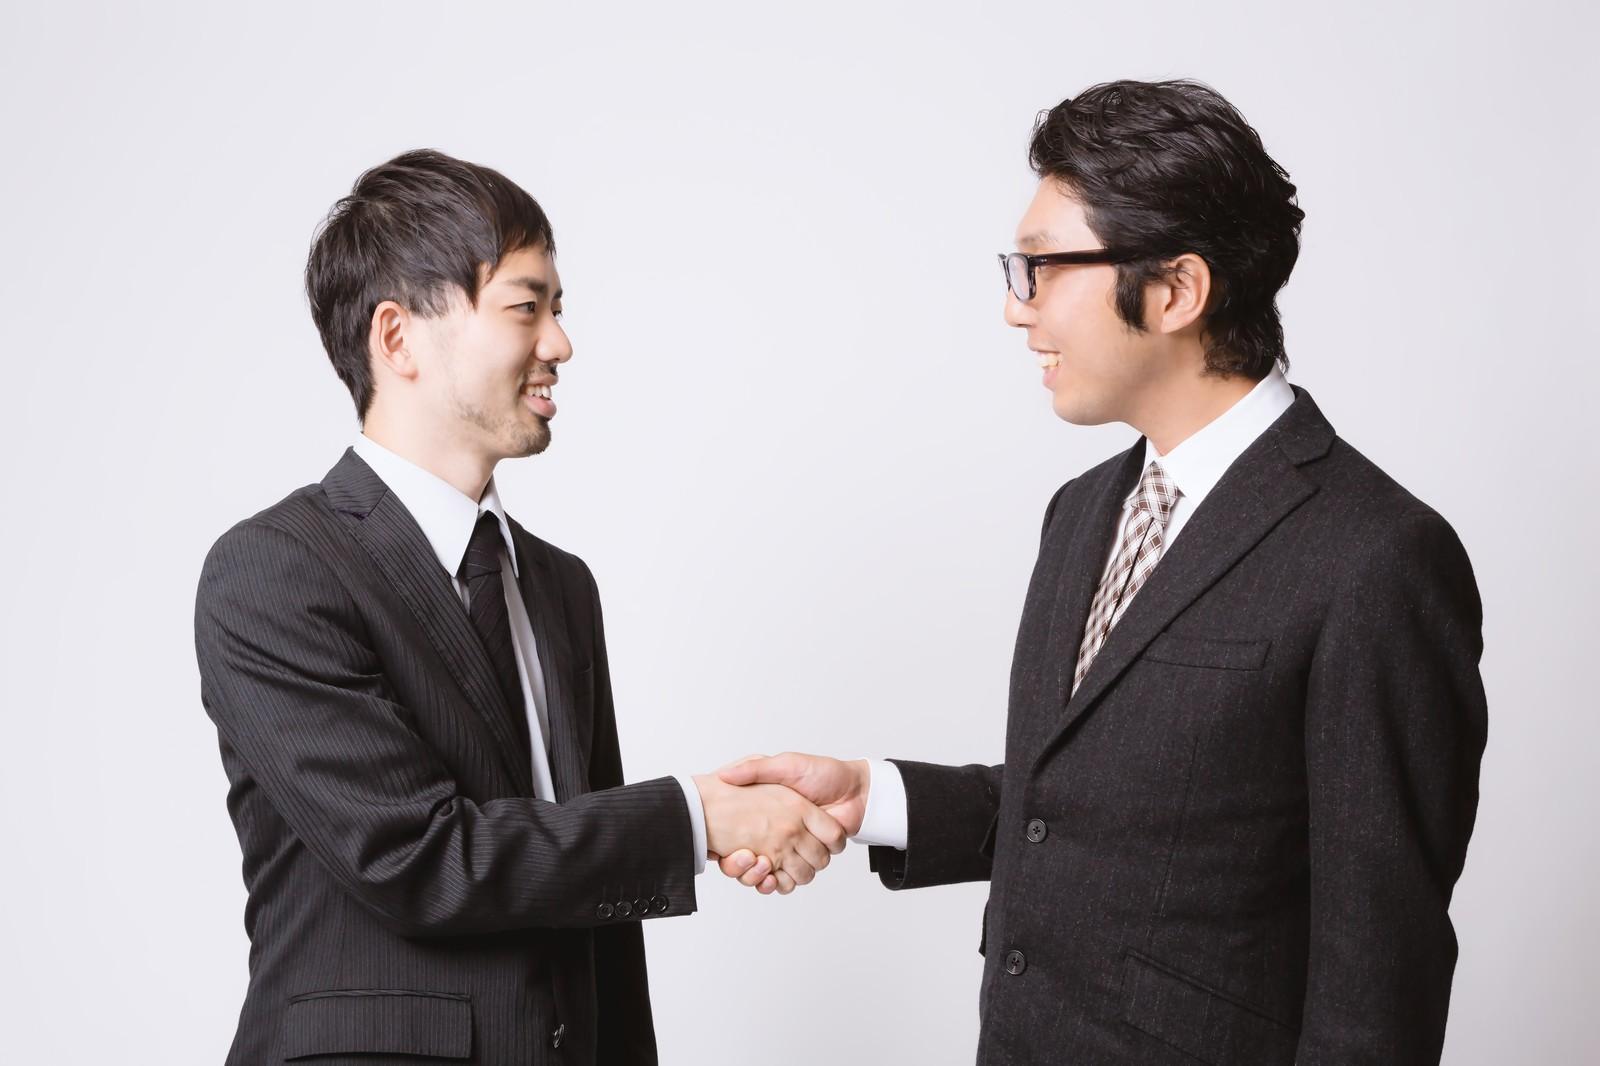 意思の疎通ができて握手をする部下と上司